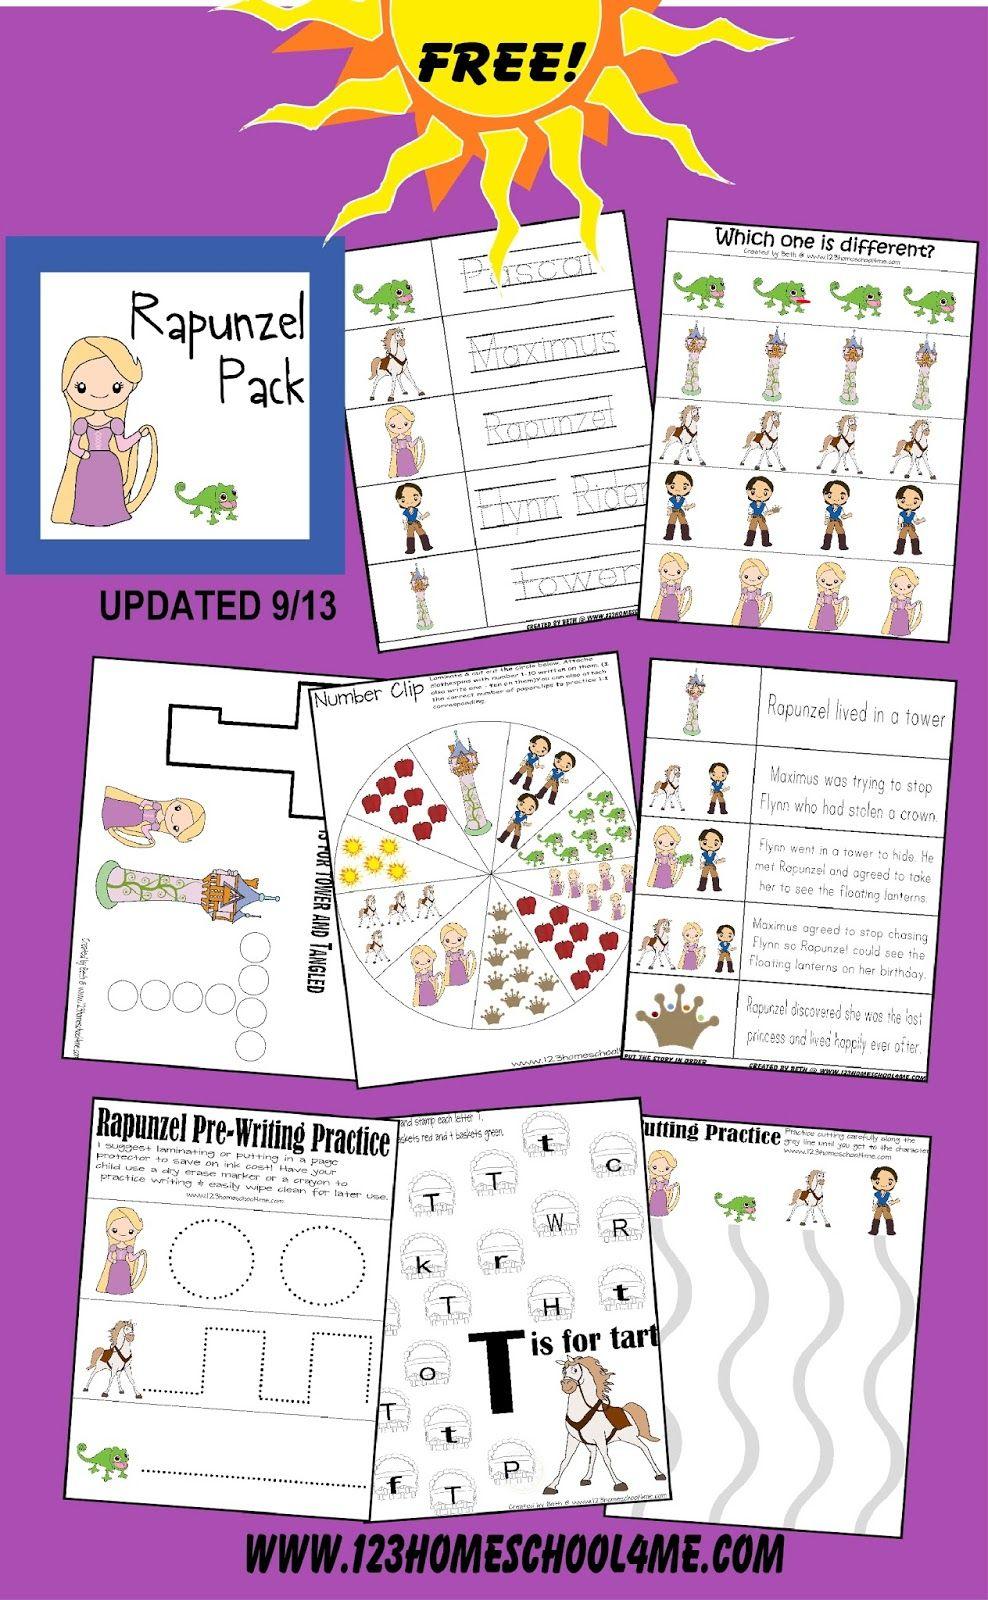 Rapunzel Whats Inside Jpg 988 1 600 Pixels Preschool Worksheets Free Printables Free Preschool Worksheets Preschool Activities [ 1600 x 988 Pixel ]